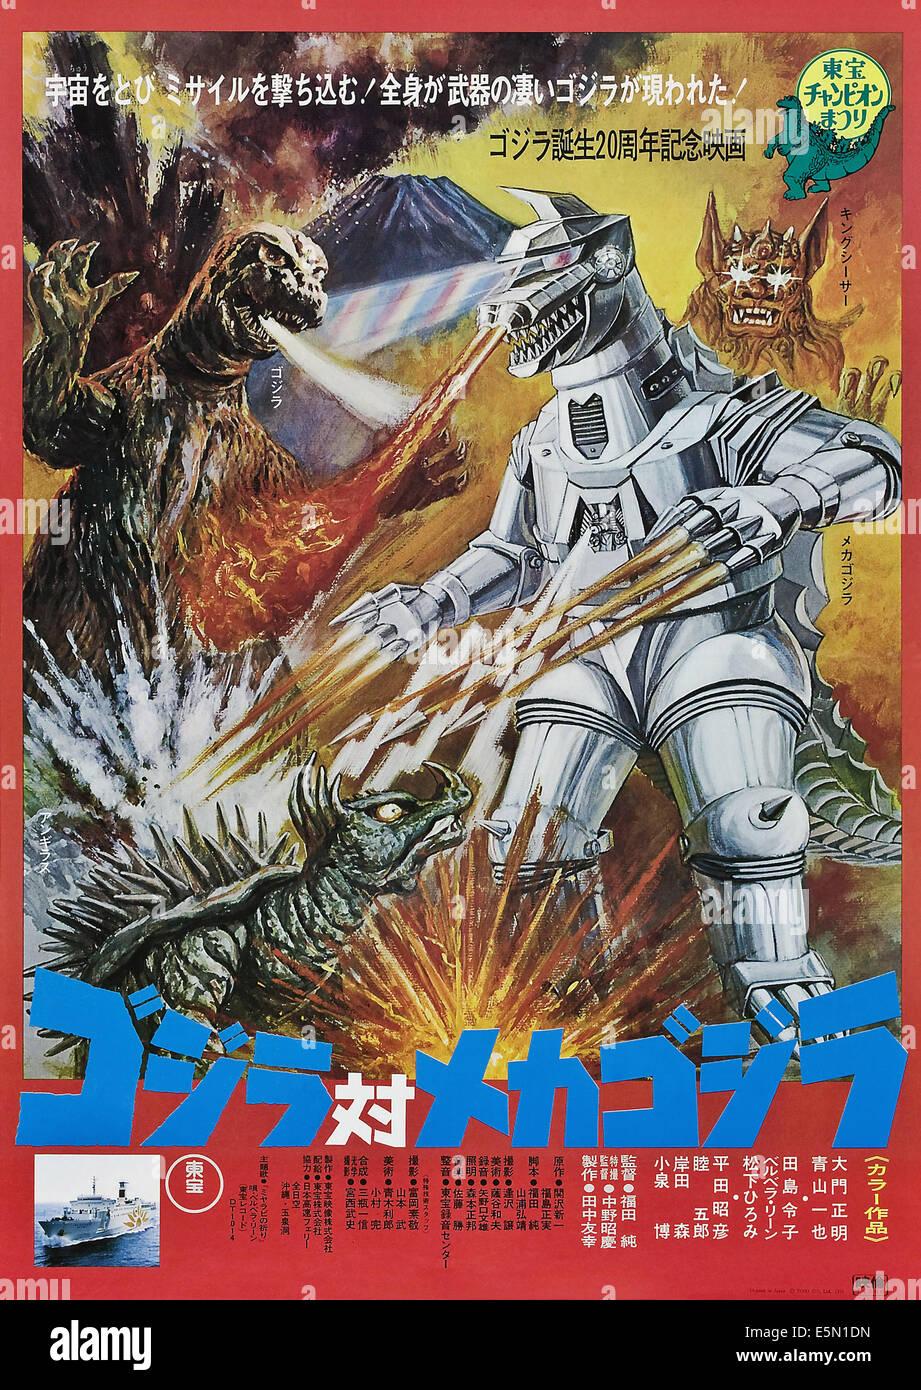 GODZILLA VS. MECHAGODZILLA (aka GOJIRA TAI MEKAGOJIRA), from left: Godzilla, Mechagodzilla on Japanese poster art, - Stock Image